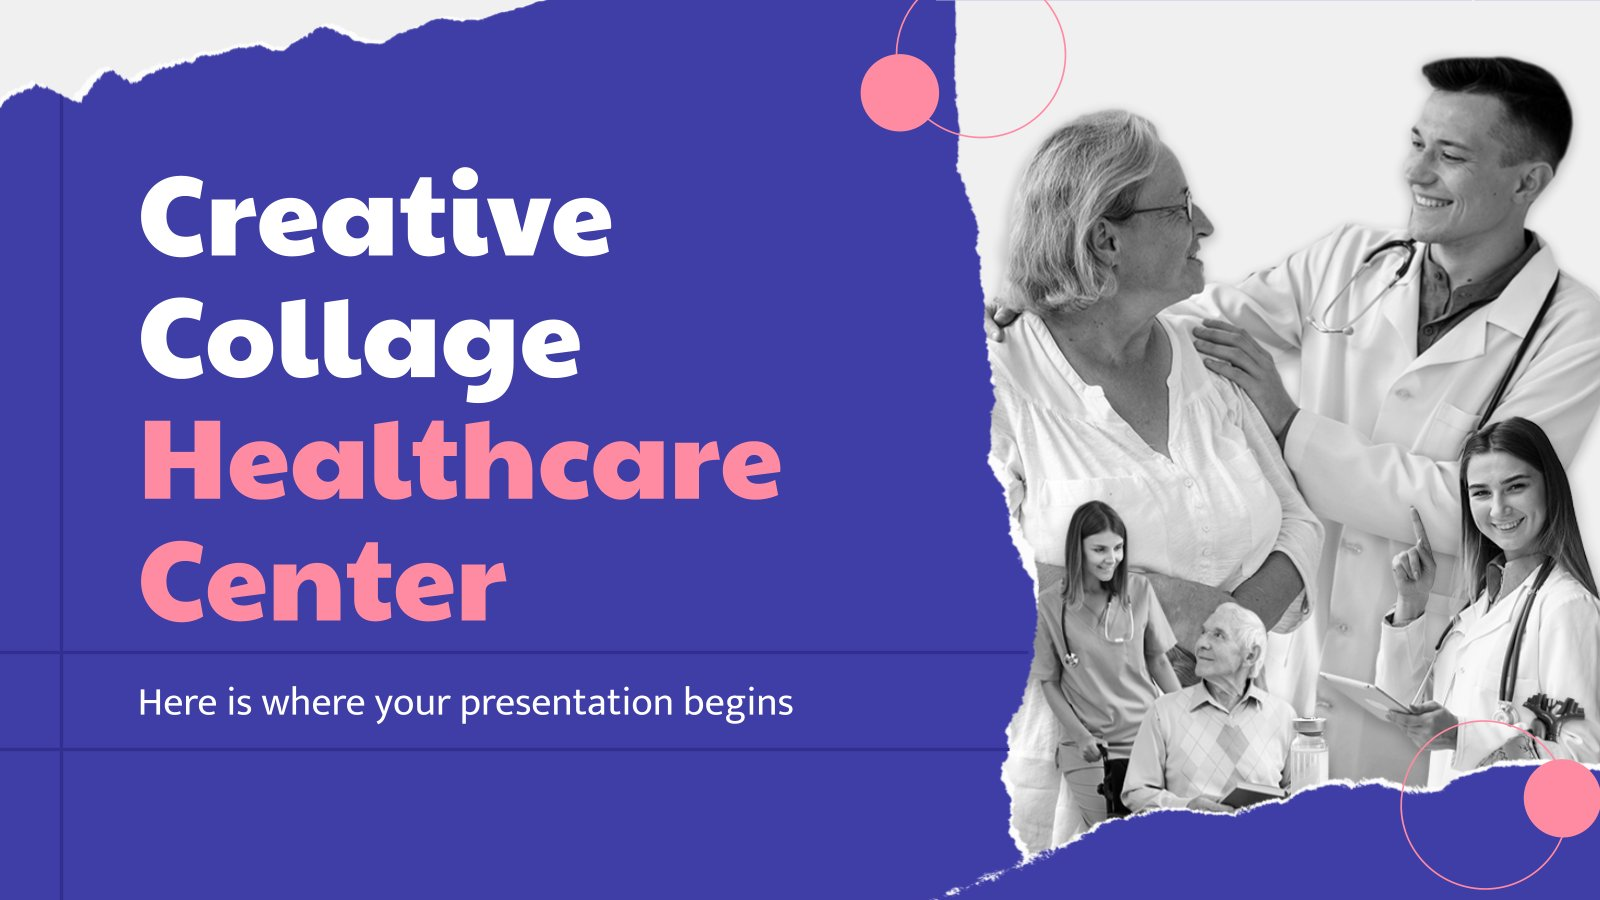 Modelo de apresentação Centro de saúde e colagem criativa